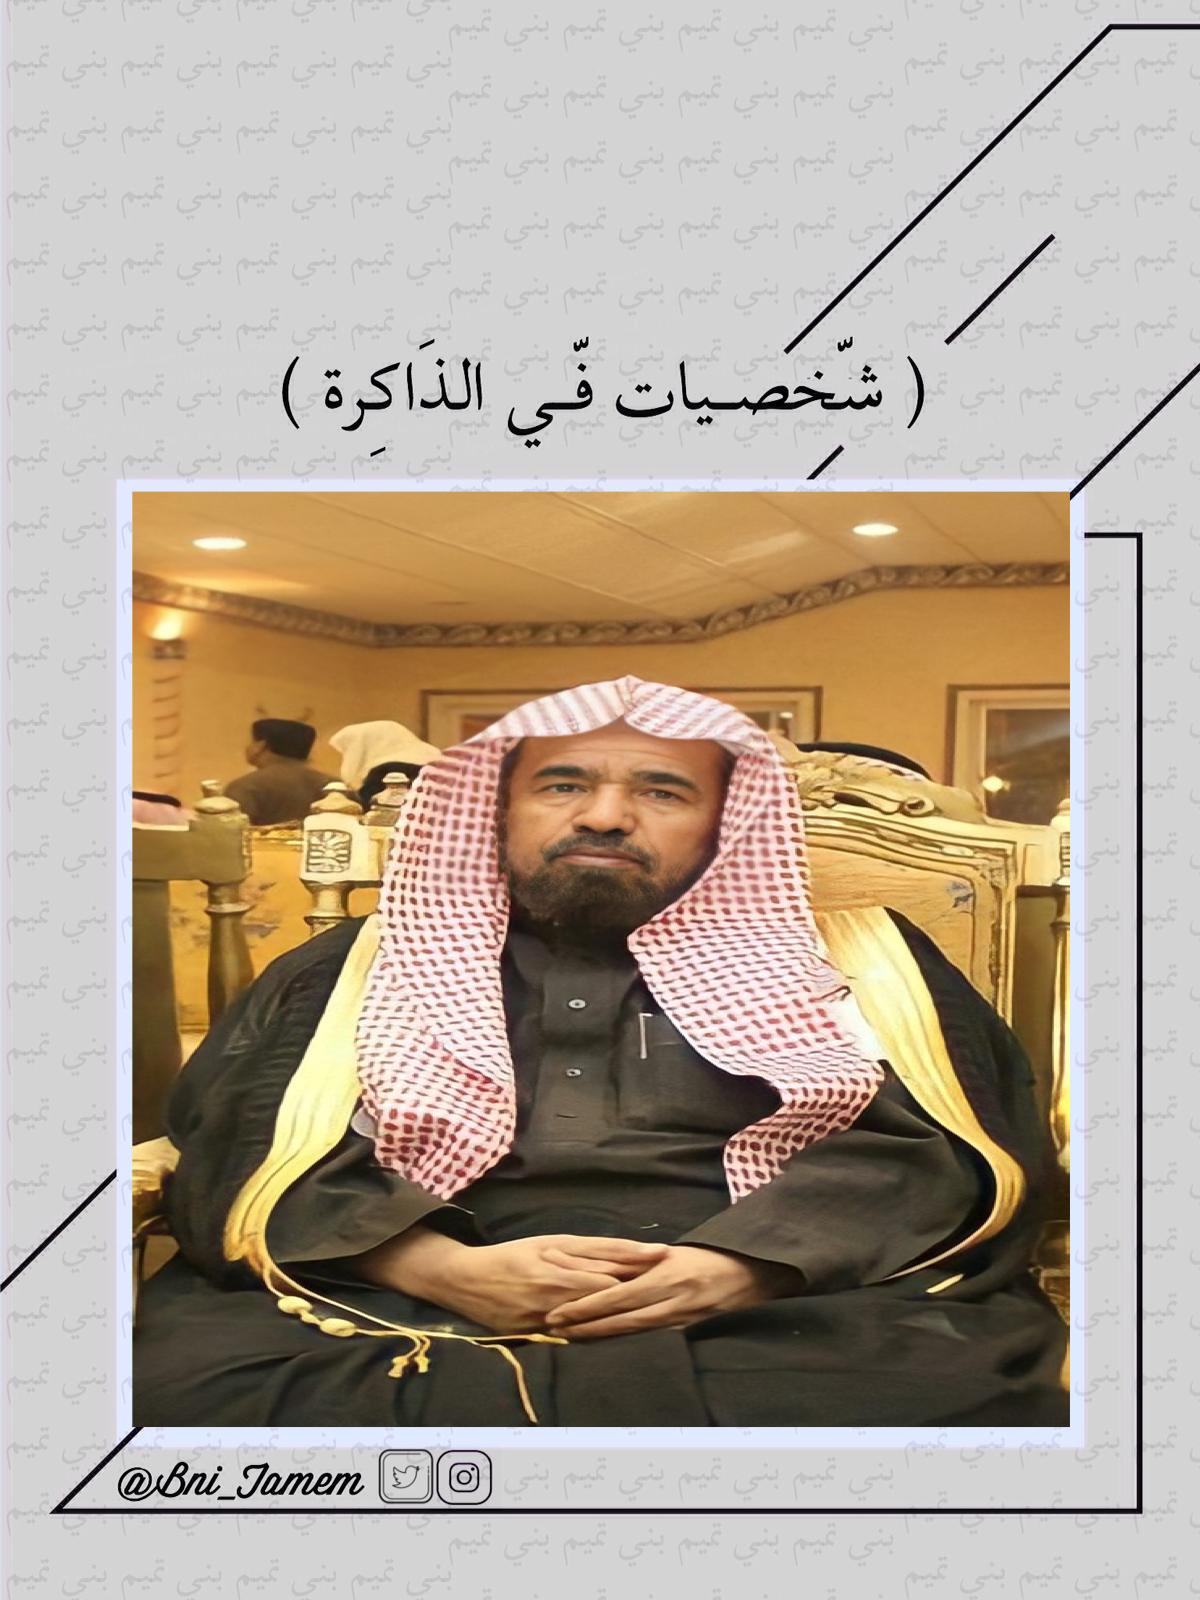 الشيخ / عبدالعزيز بن سعد العنقري رحمه الله